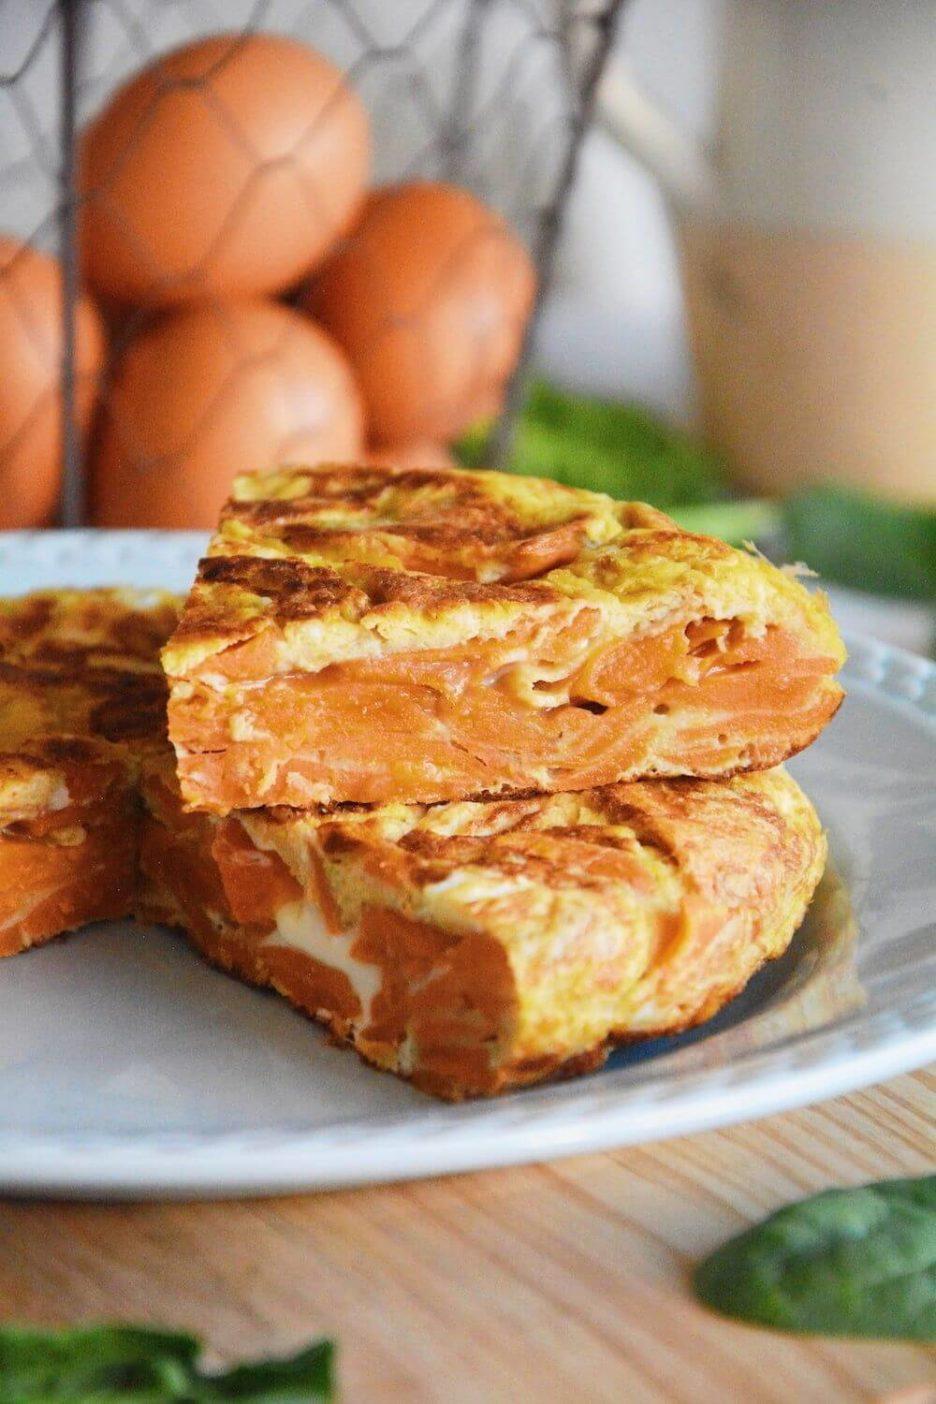 Mari Cocinillas - ¿Cómo de hace una tortilla jugosa de boniato?